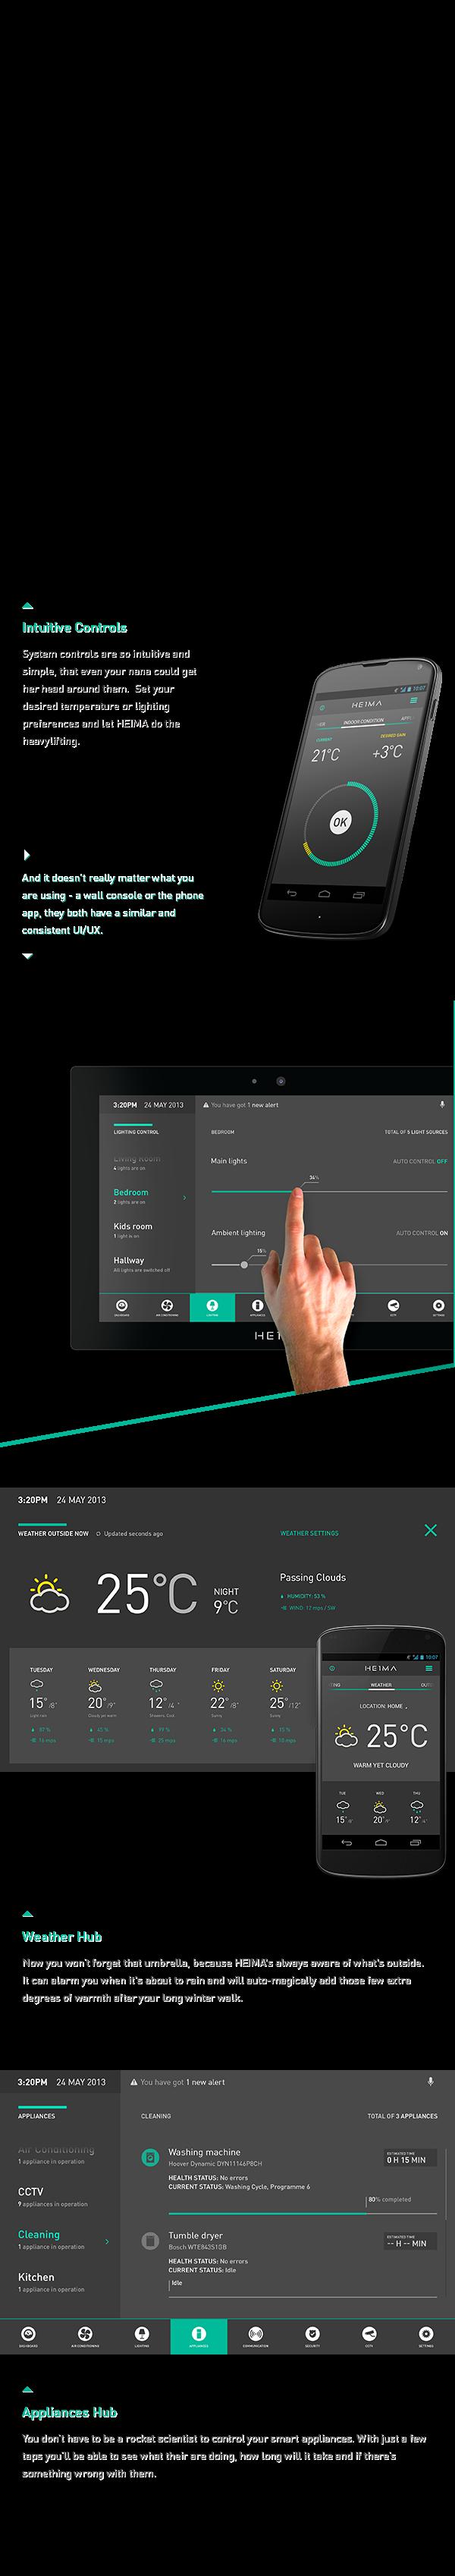 HEIMA. Smart Home Automation UI. by Dmitrij Paškevič, via Behance ...